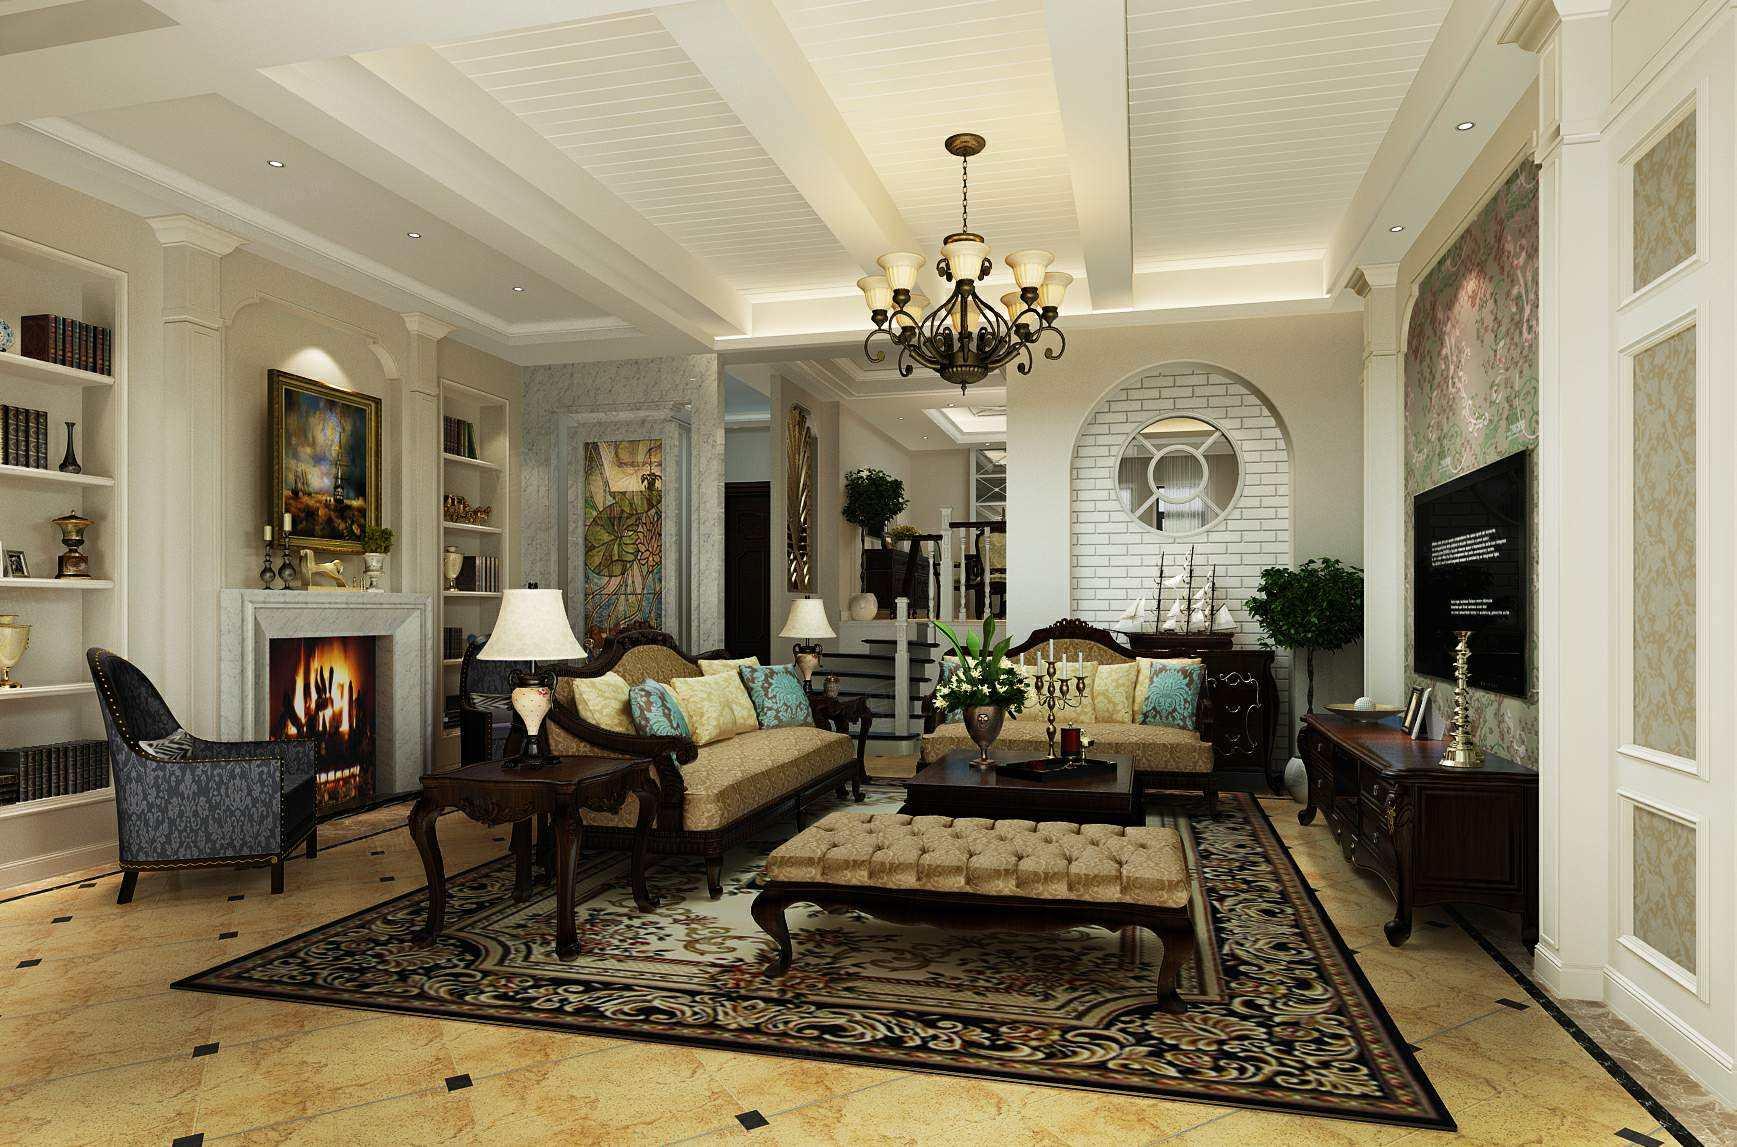 南郊中华园 美式装修客厅效果图